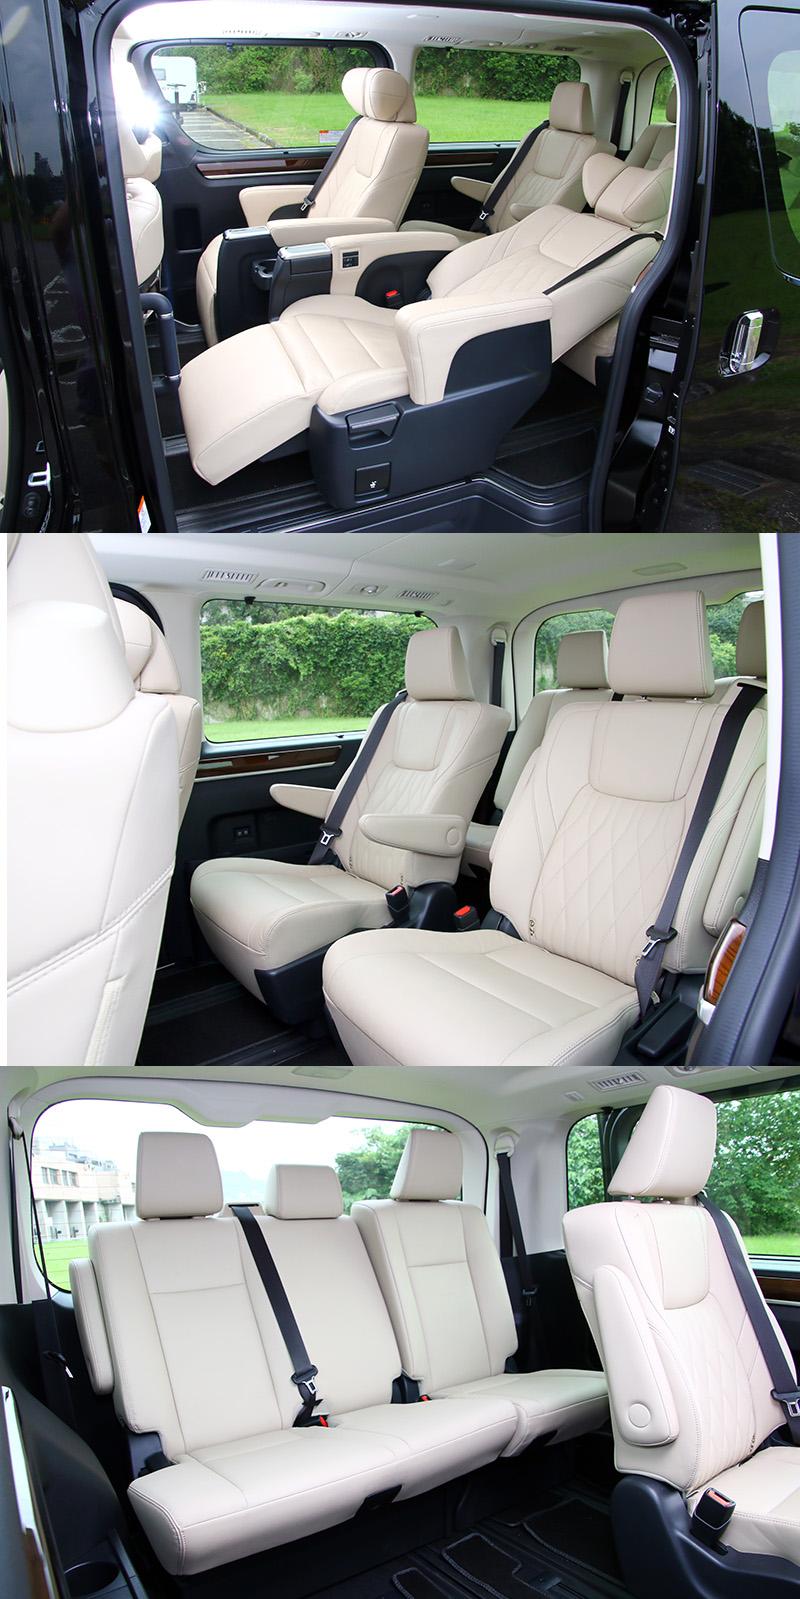 以載人為主要訴求的Granvia後三排座椅可提供超越所有同級車最舒適的人員乘坐空間,其中第二排採用具電動腳靠與電動椅背調整的雙Captain座椅。